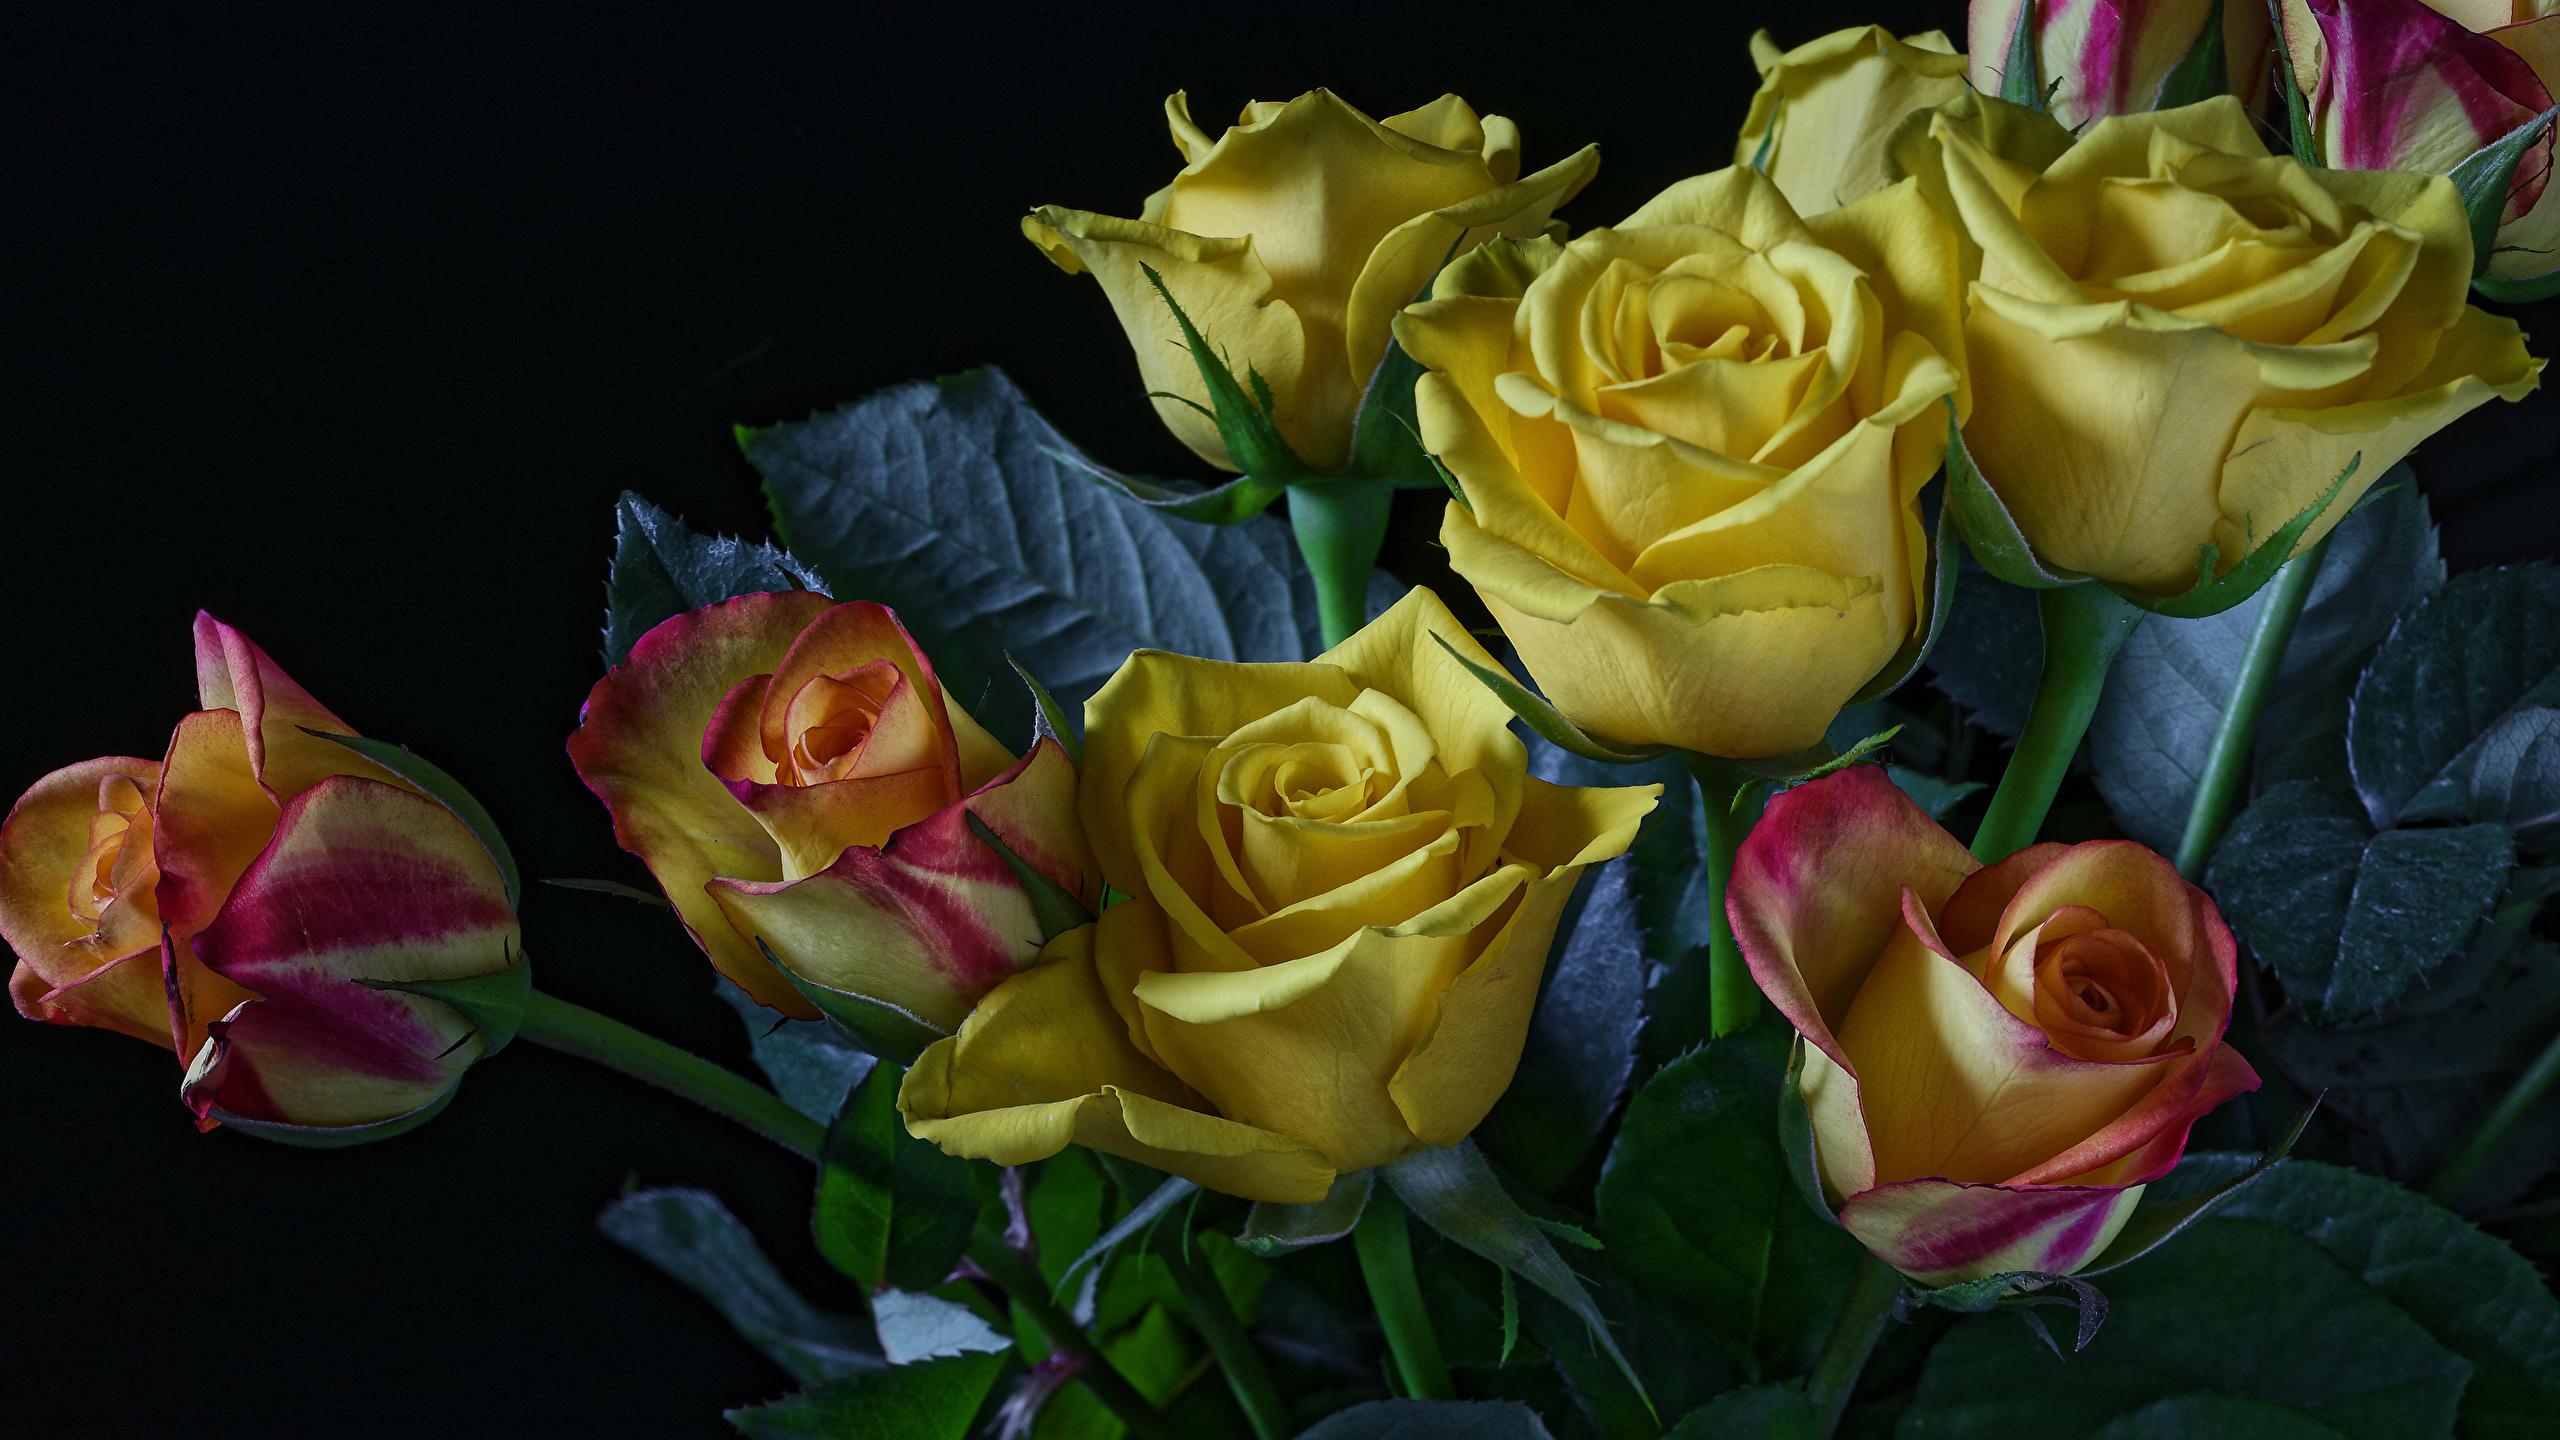 Обои для рабочего стола Розы Желтый Цветы Черный фон 2560x1440 роза желтых желтая желтые цветок на черном фоне